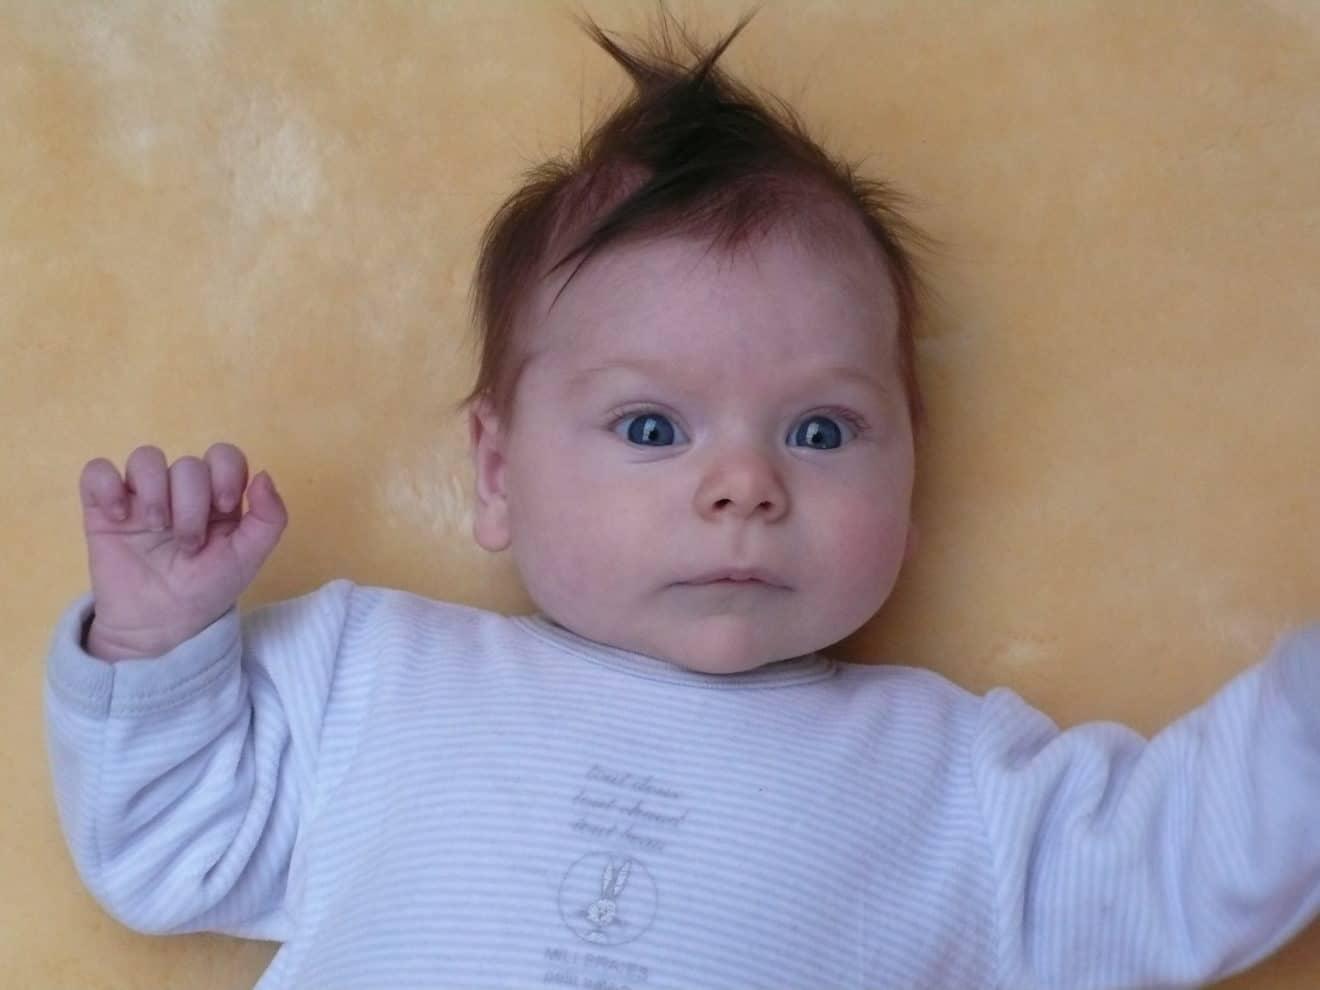 Prévention des déformations crâniennes positionnelles (DCP) et mort inattendue du nourrisson